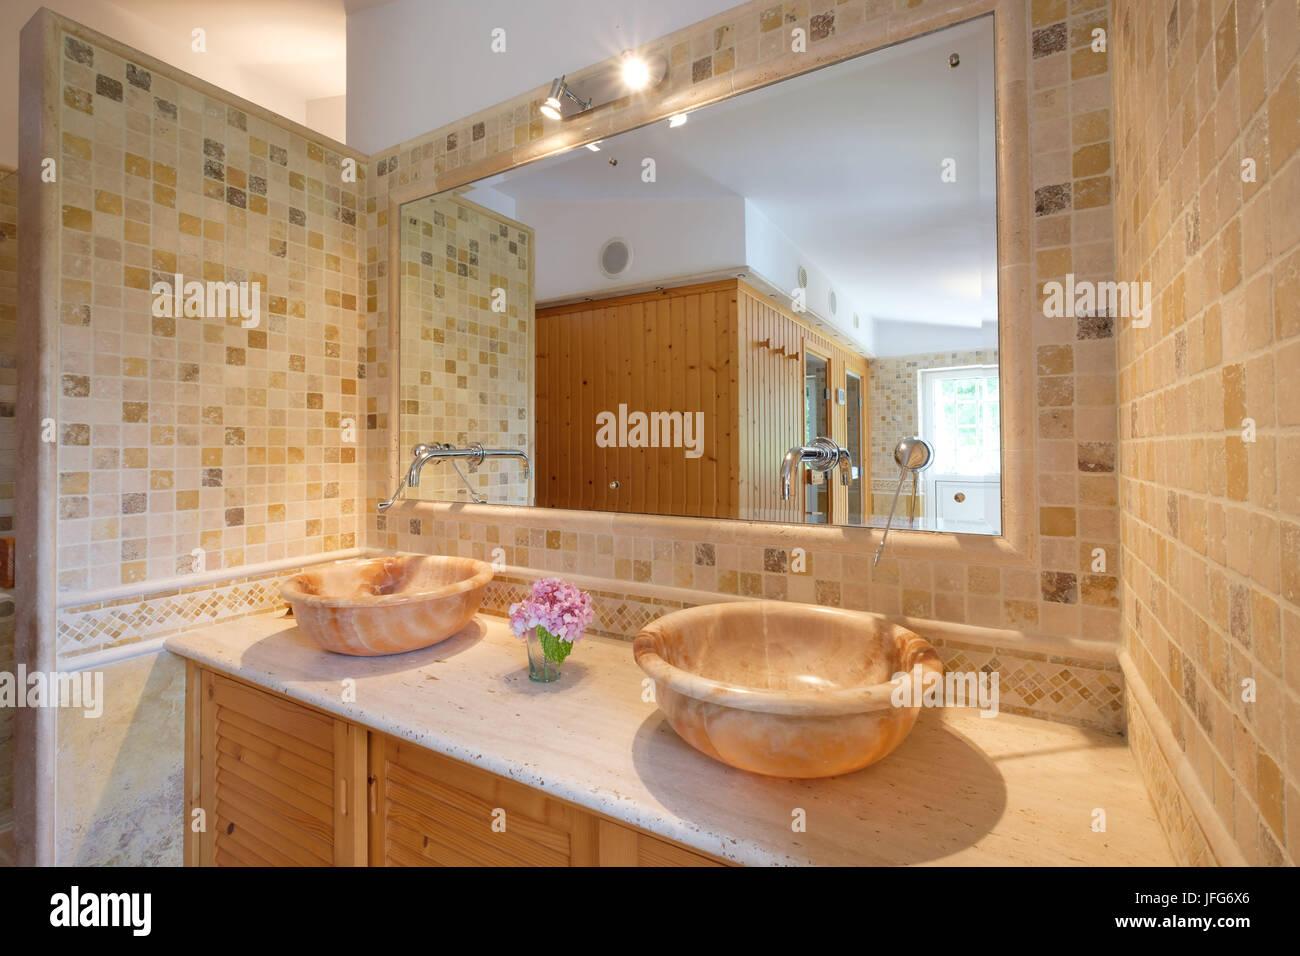 Bagno con doppi lavandini luce piastrelle gialle e un grande